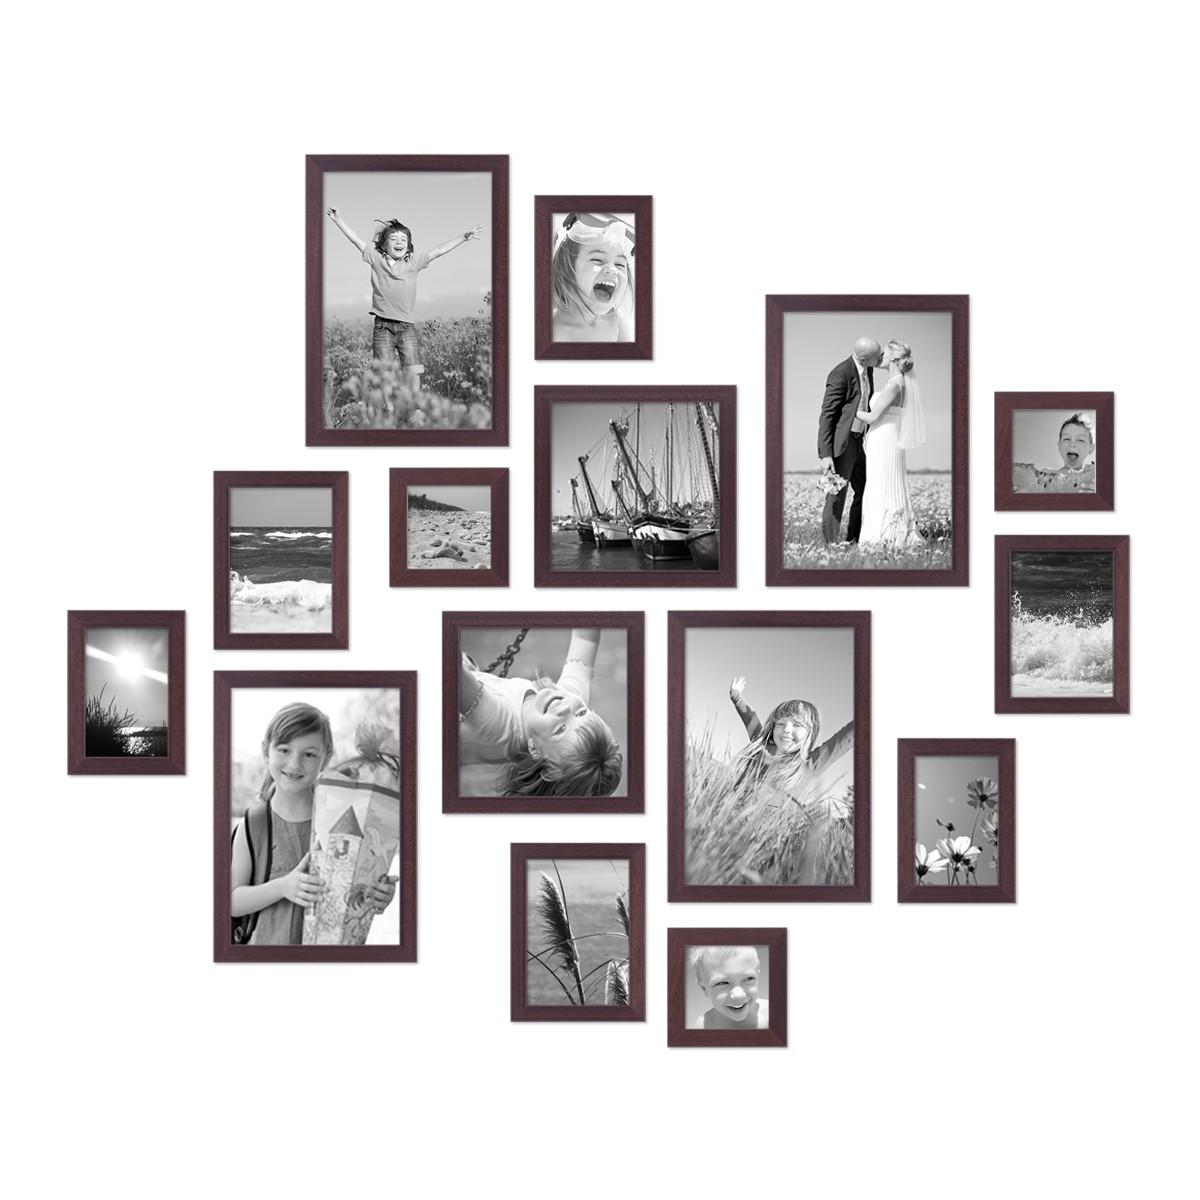 15er set bilderrahmen modern nuss massivholz 10x15 bis. Black Bedroom Furniture Sets. Home Design Ideas